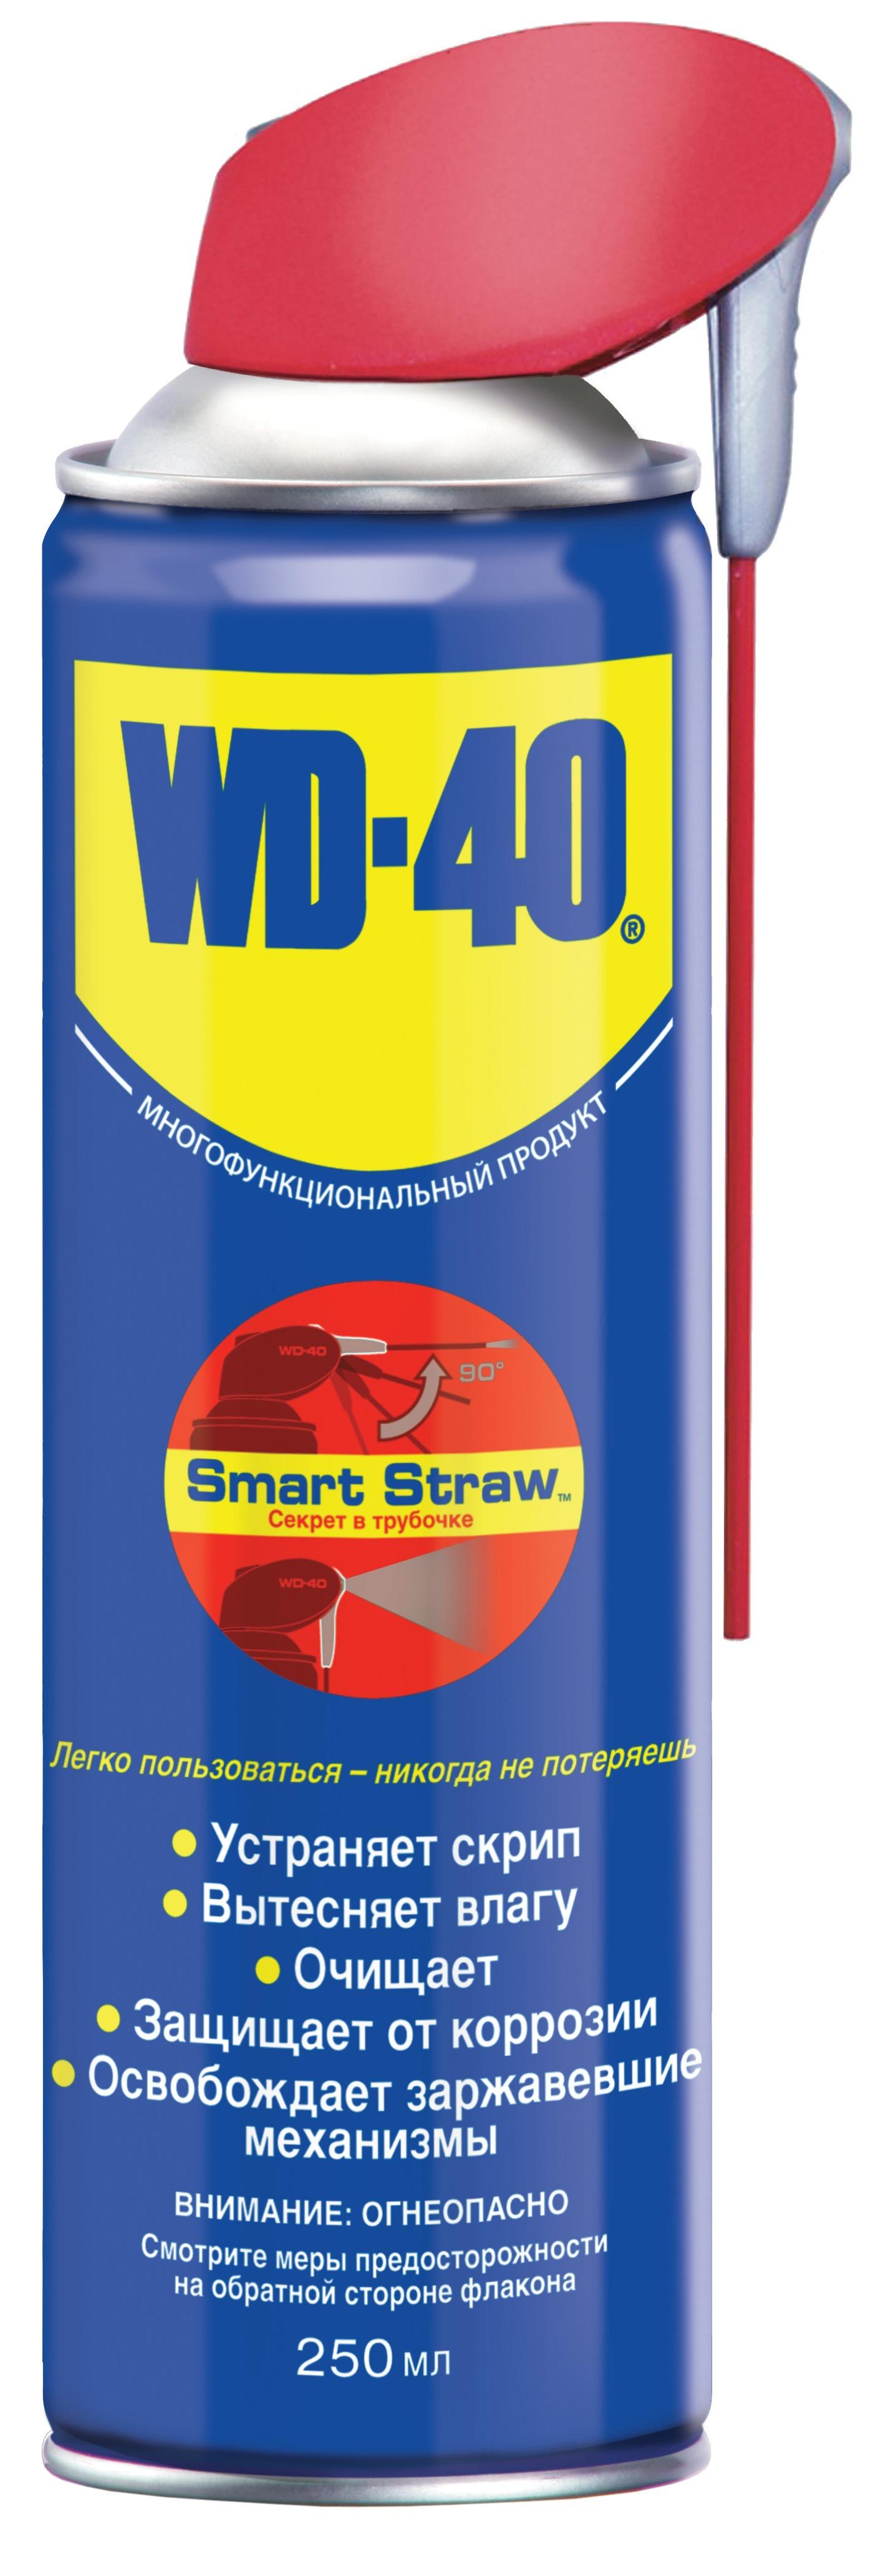 Wd-40: что это такое, состав смазки, характеристики и заменители